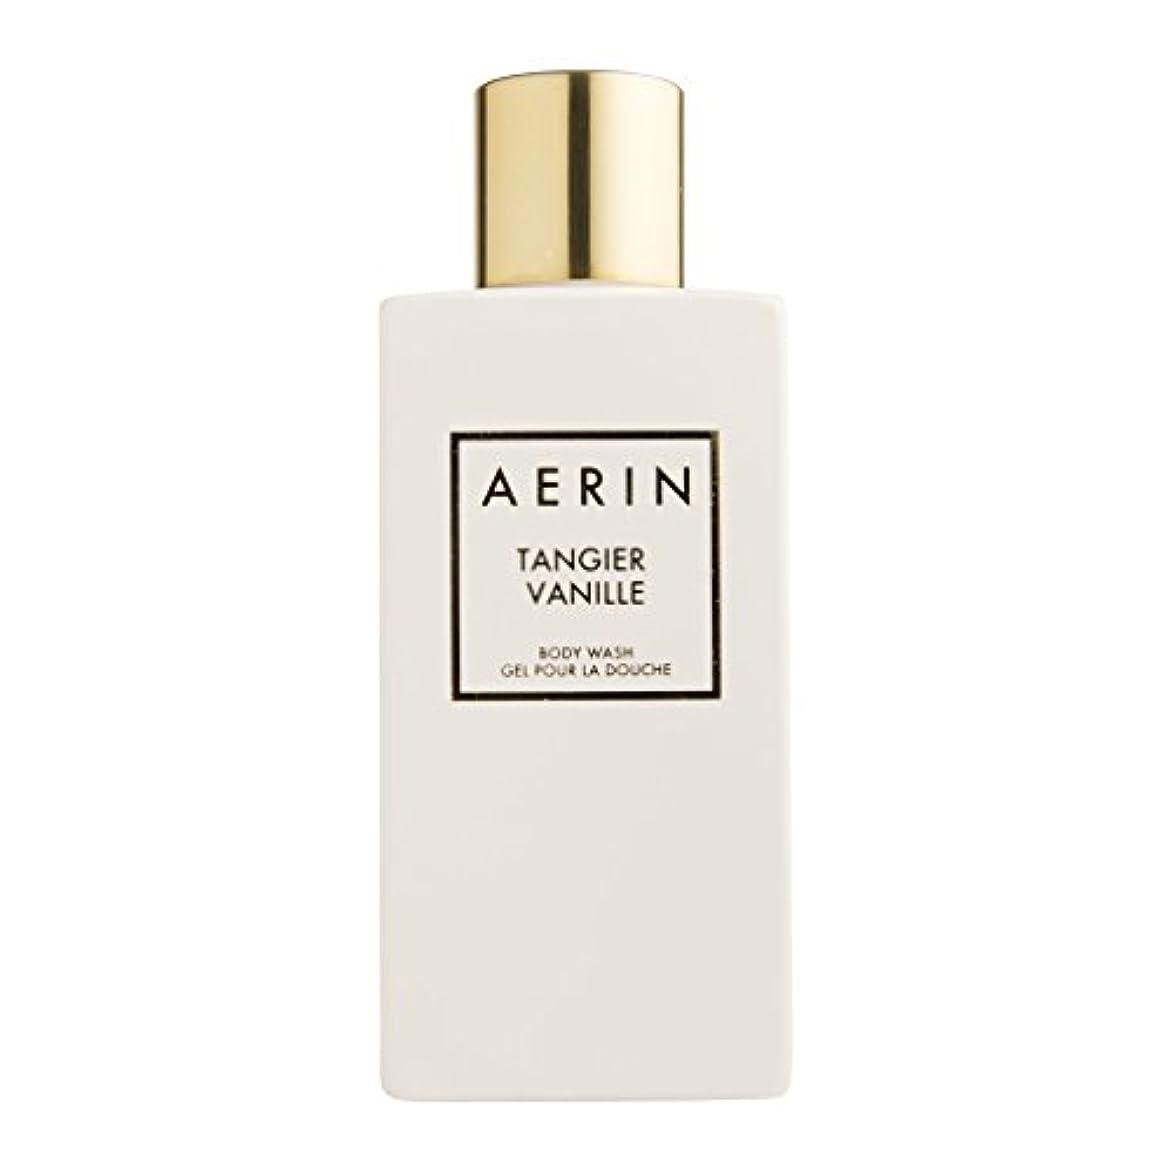 同一の玉リビジョンAERIN Tangier Vanille (アエリン タンジヤー バニール) 7.6 oz (228ml) Body Wash ボディーウオッシュ by Estee Lauder for Women